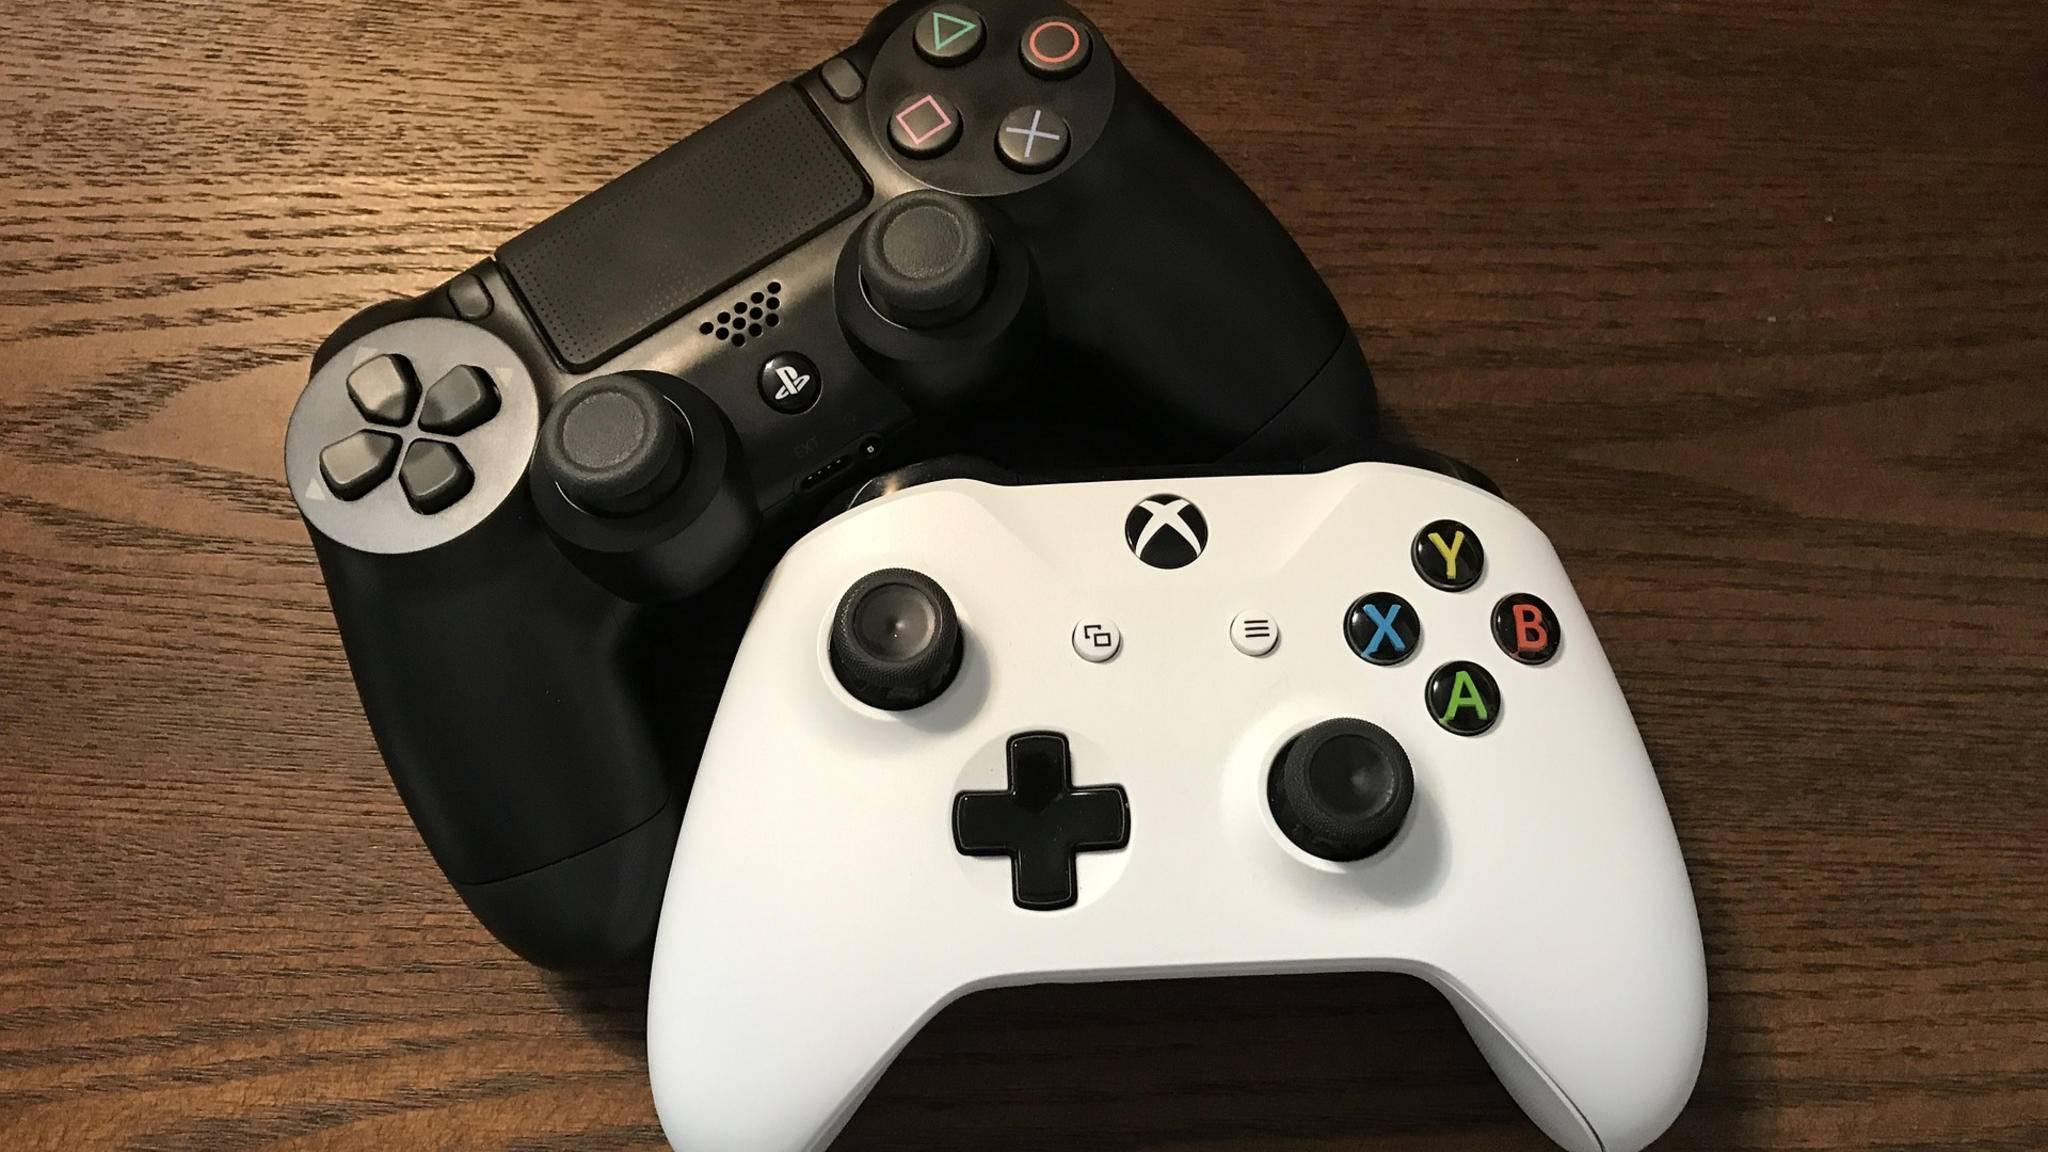 Zahlen zur Auflösung untermauern die Leistungsfähigkeit der Xbox One X.